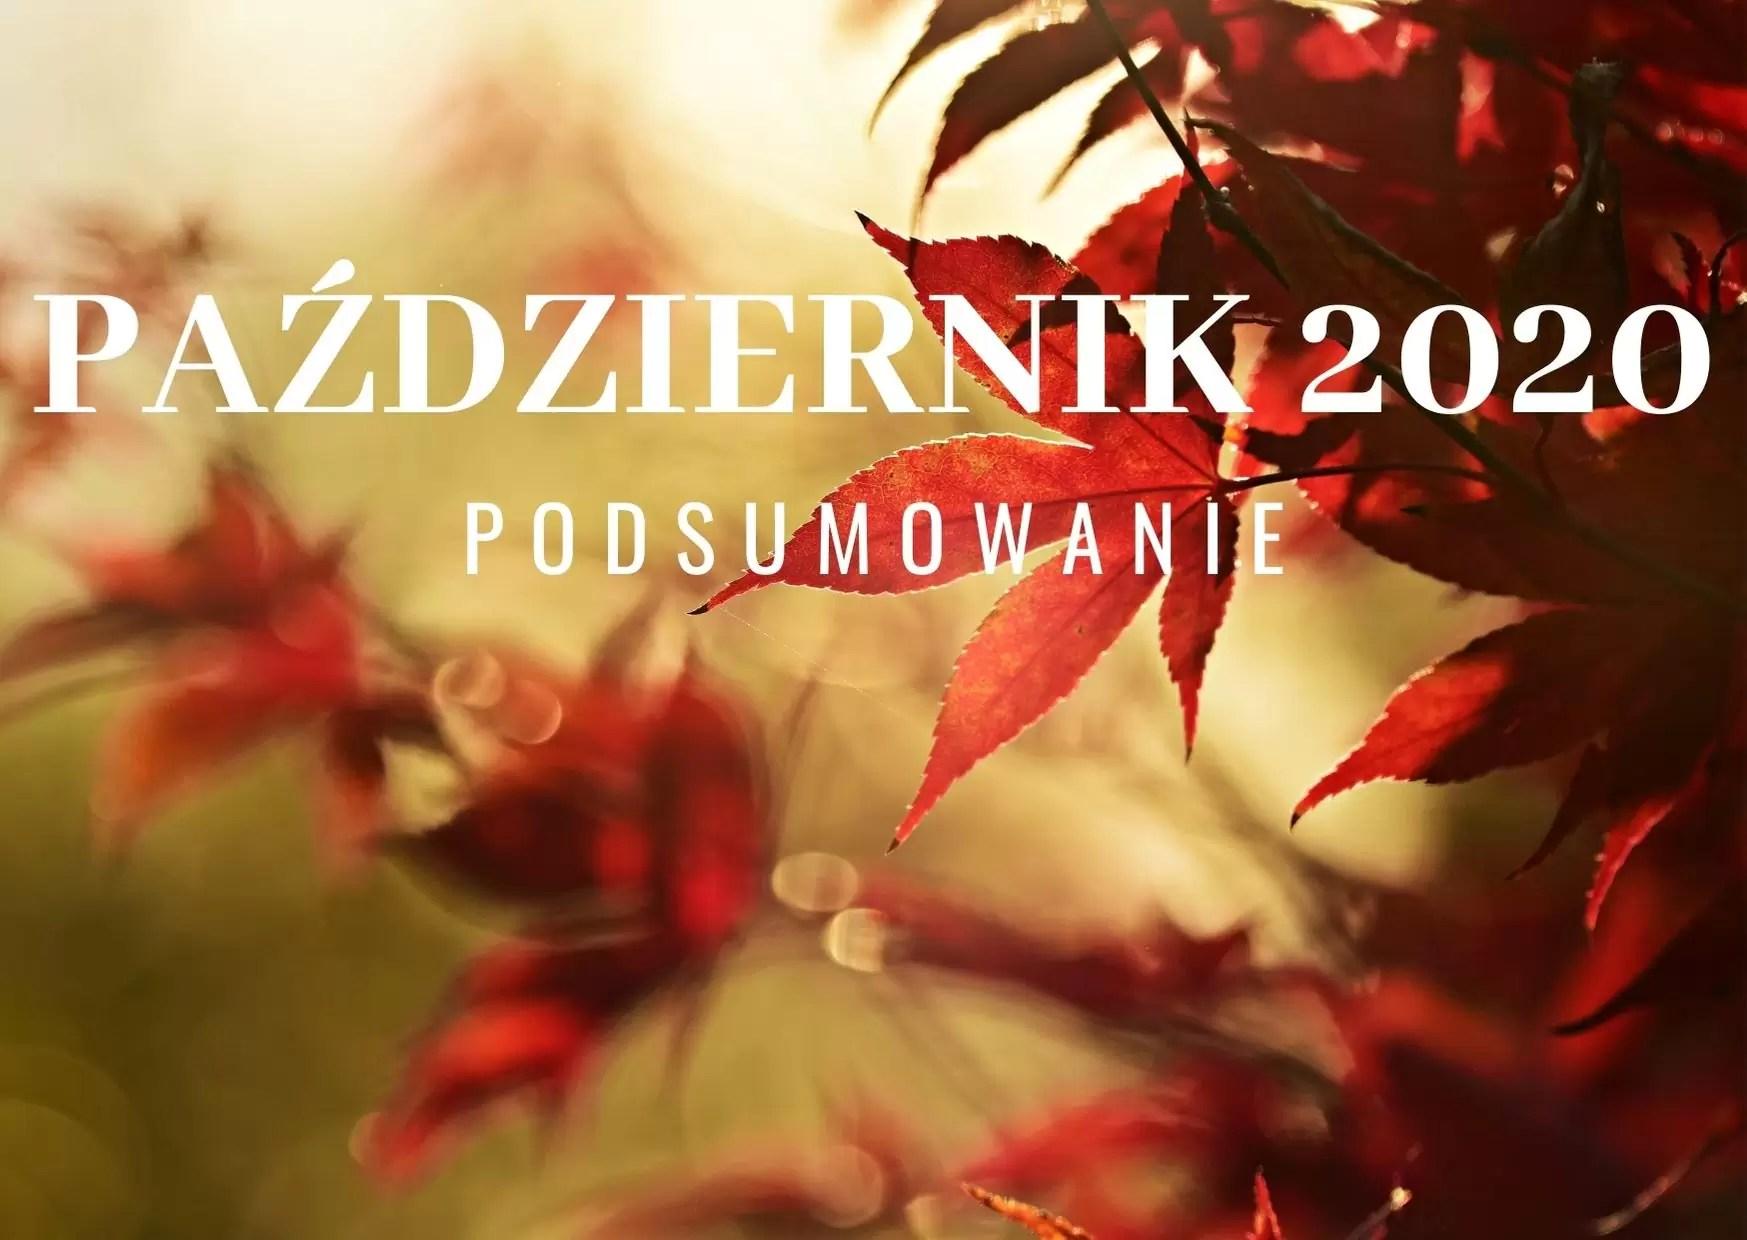 Październik 2020 podsumowanie